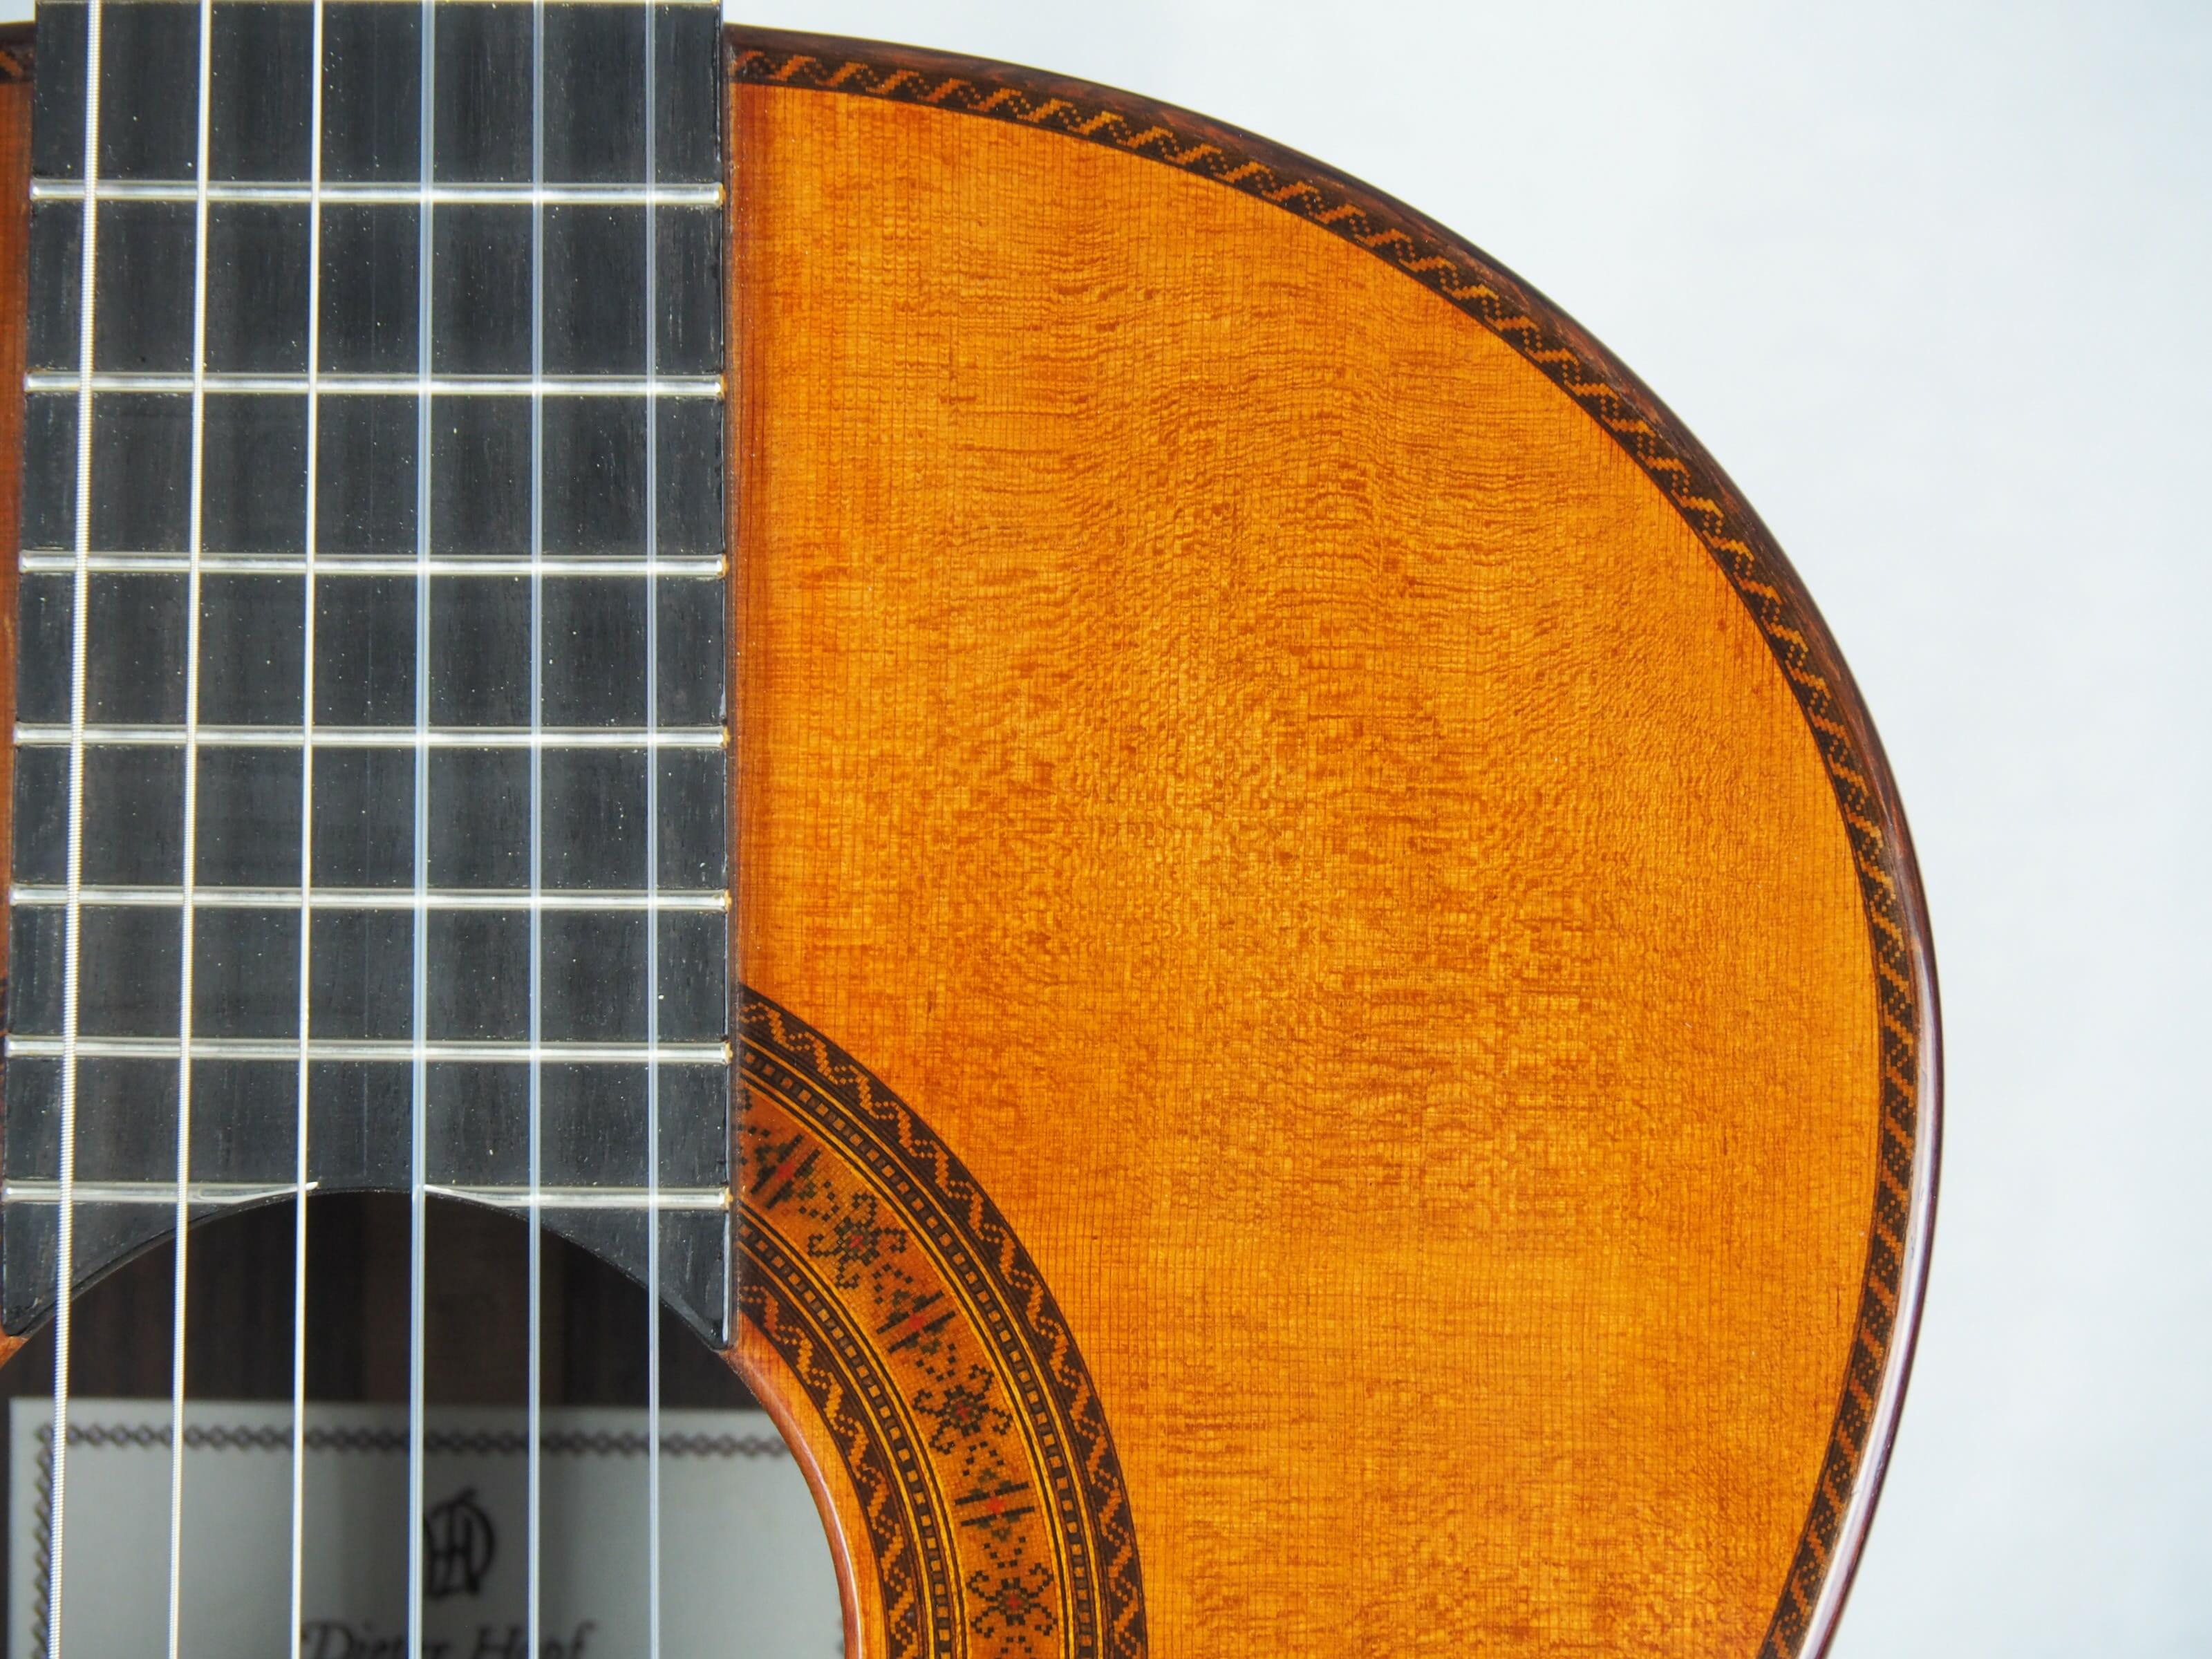 Dieter Hopf Luthier guitare classique Evolucion No 19HP180-08